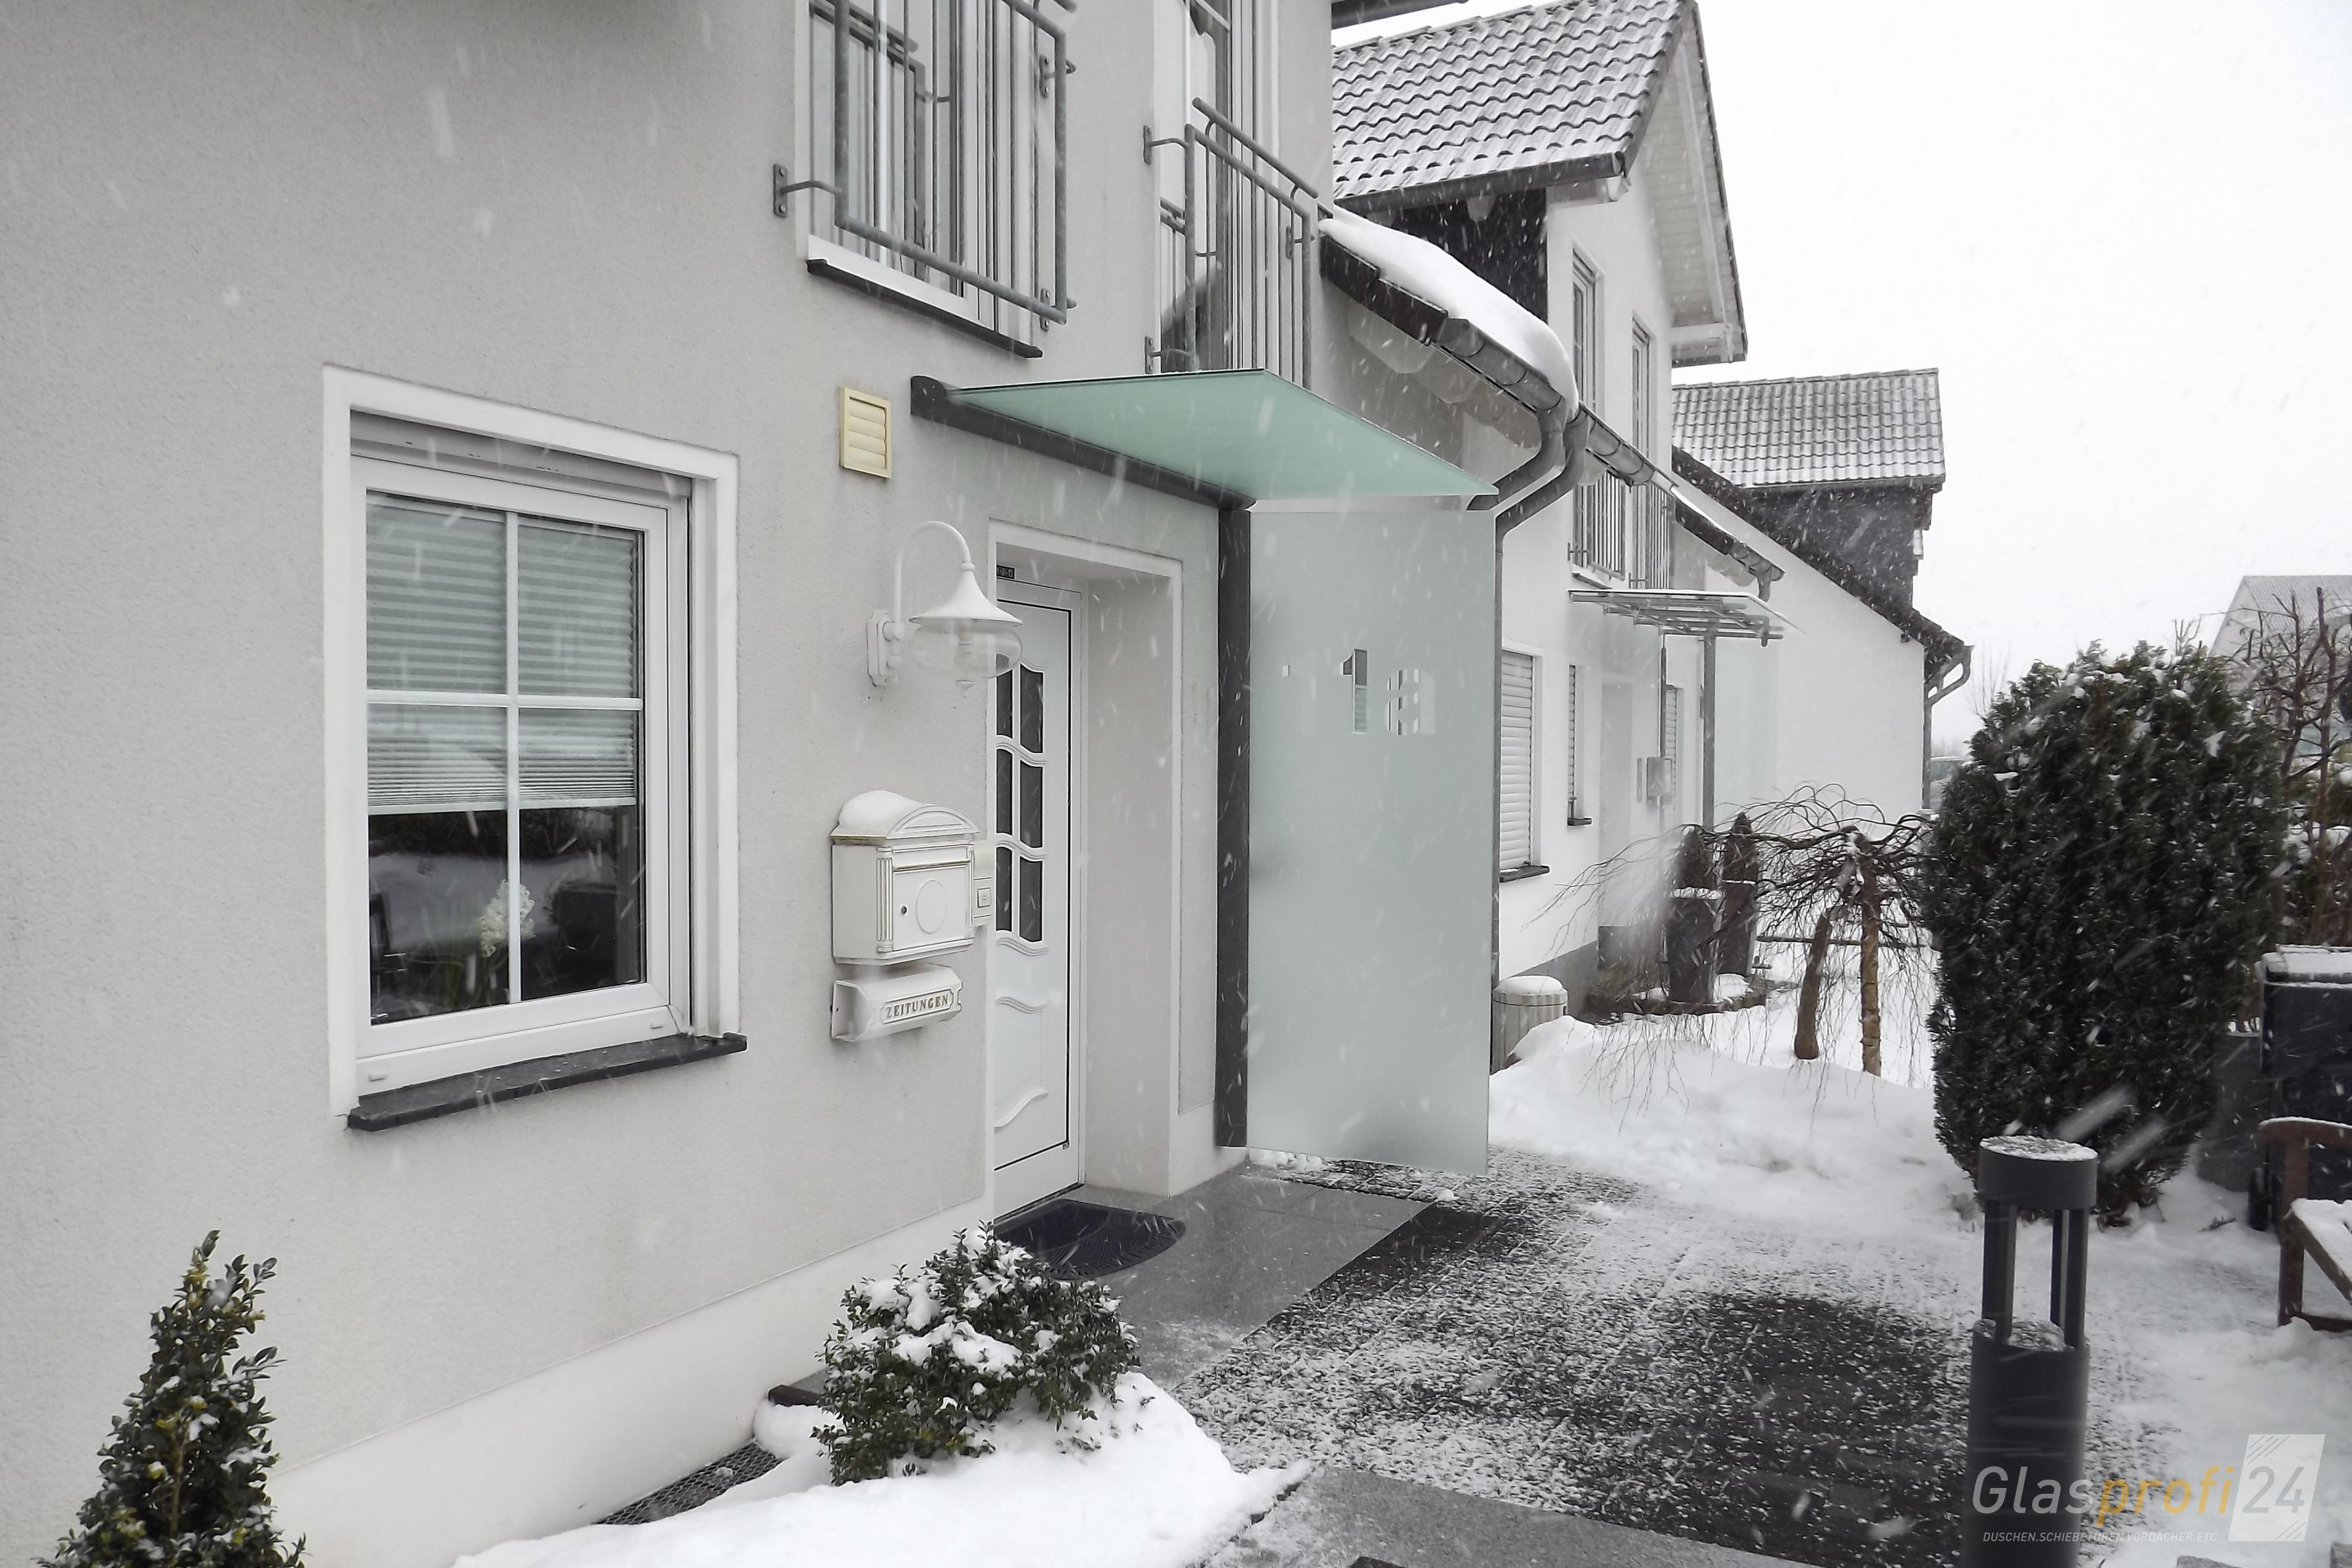 Vordach Mit Seitenteil Als Haustur Windfang Glasprofi24